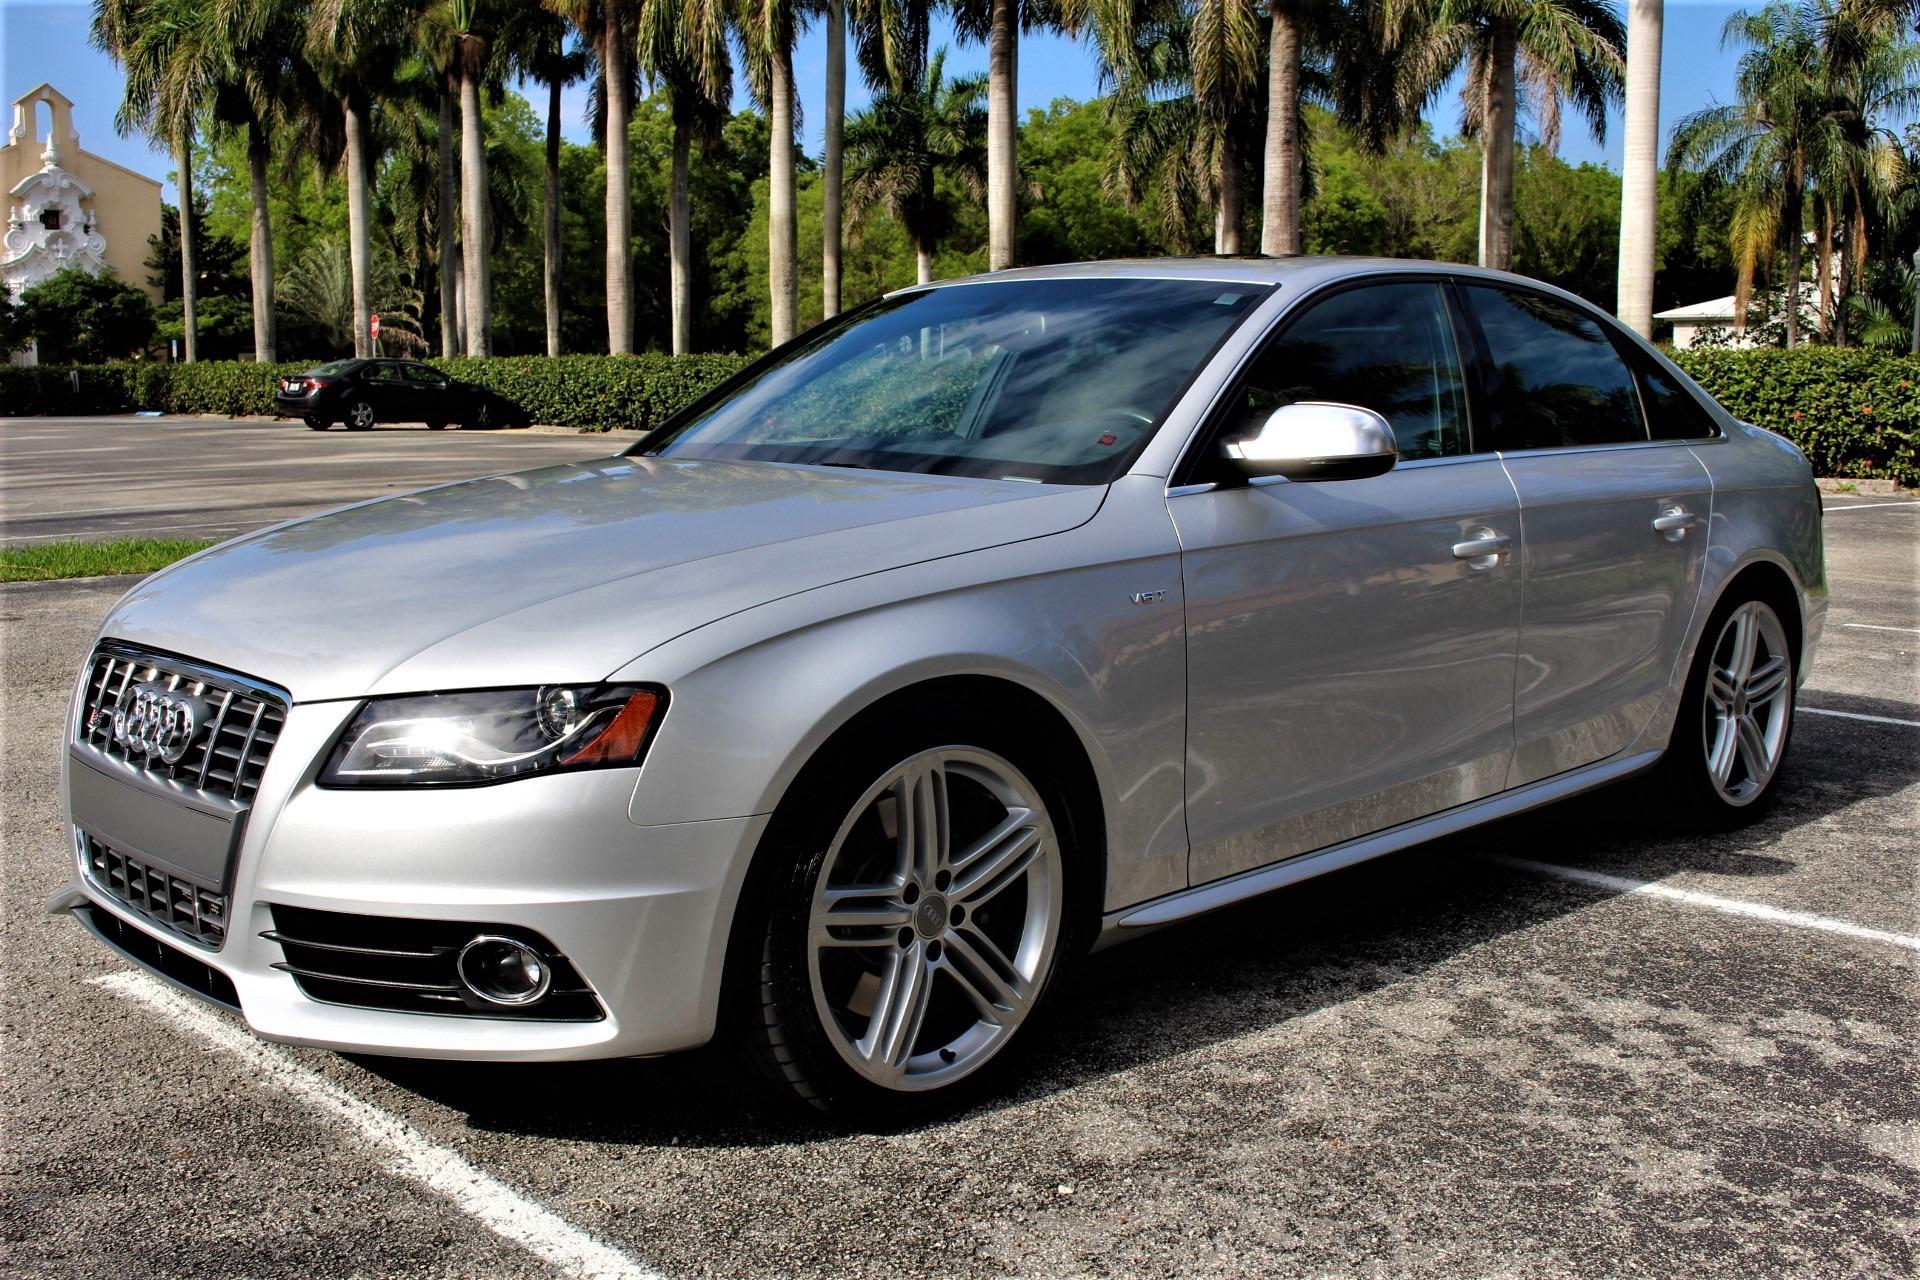 Used 2012 Audi S4 3.0T quattro Prestige for sale $29,850 at The Gables Sports Cars in Miami FL 33146 4